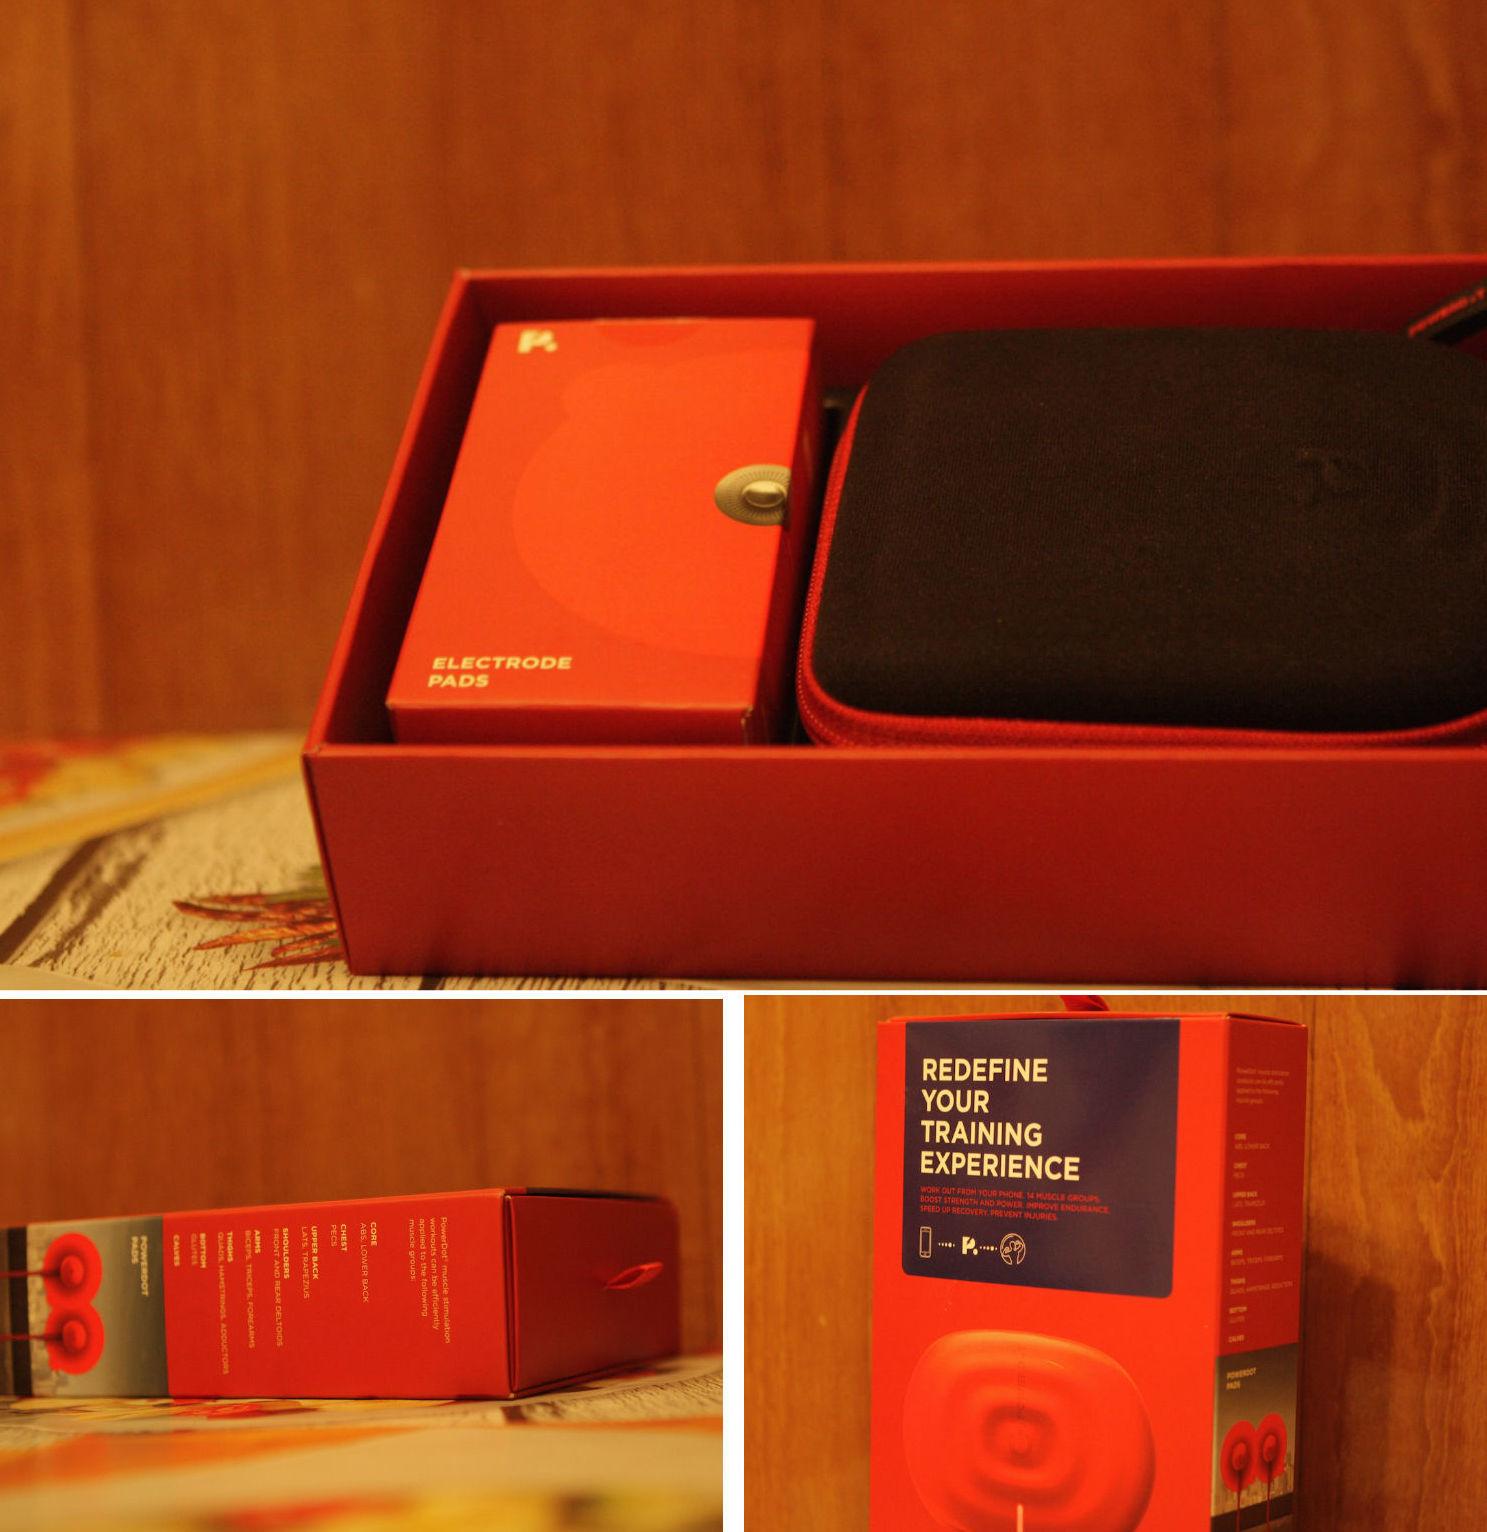 Обзор миостимулятора PowerDot: компактный и управляемый - 8